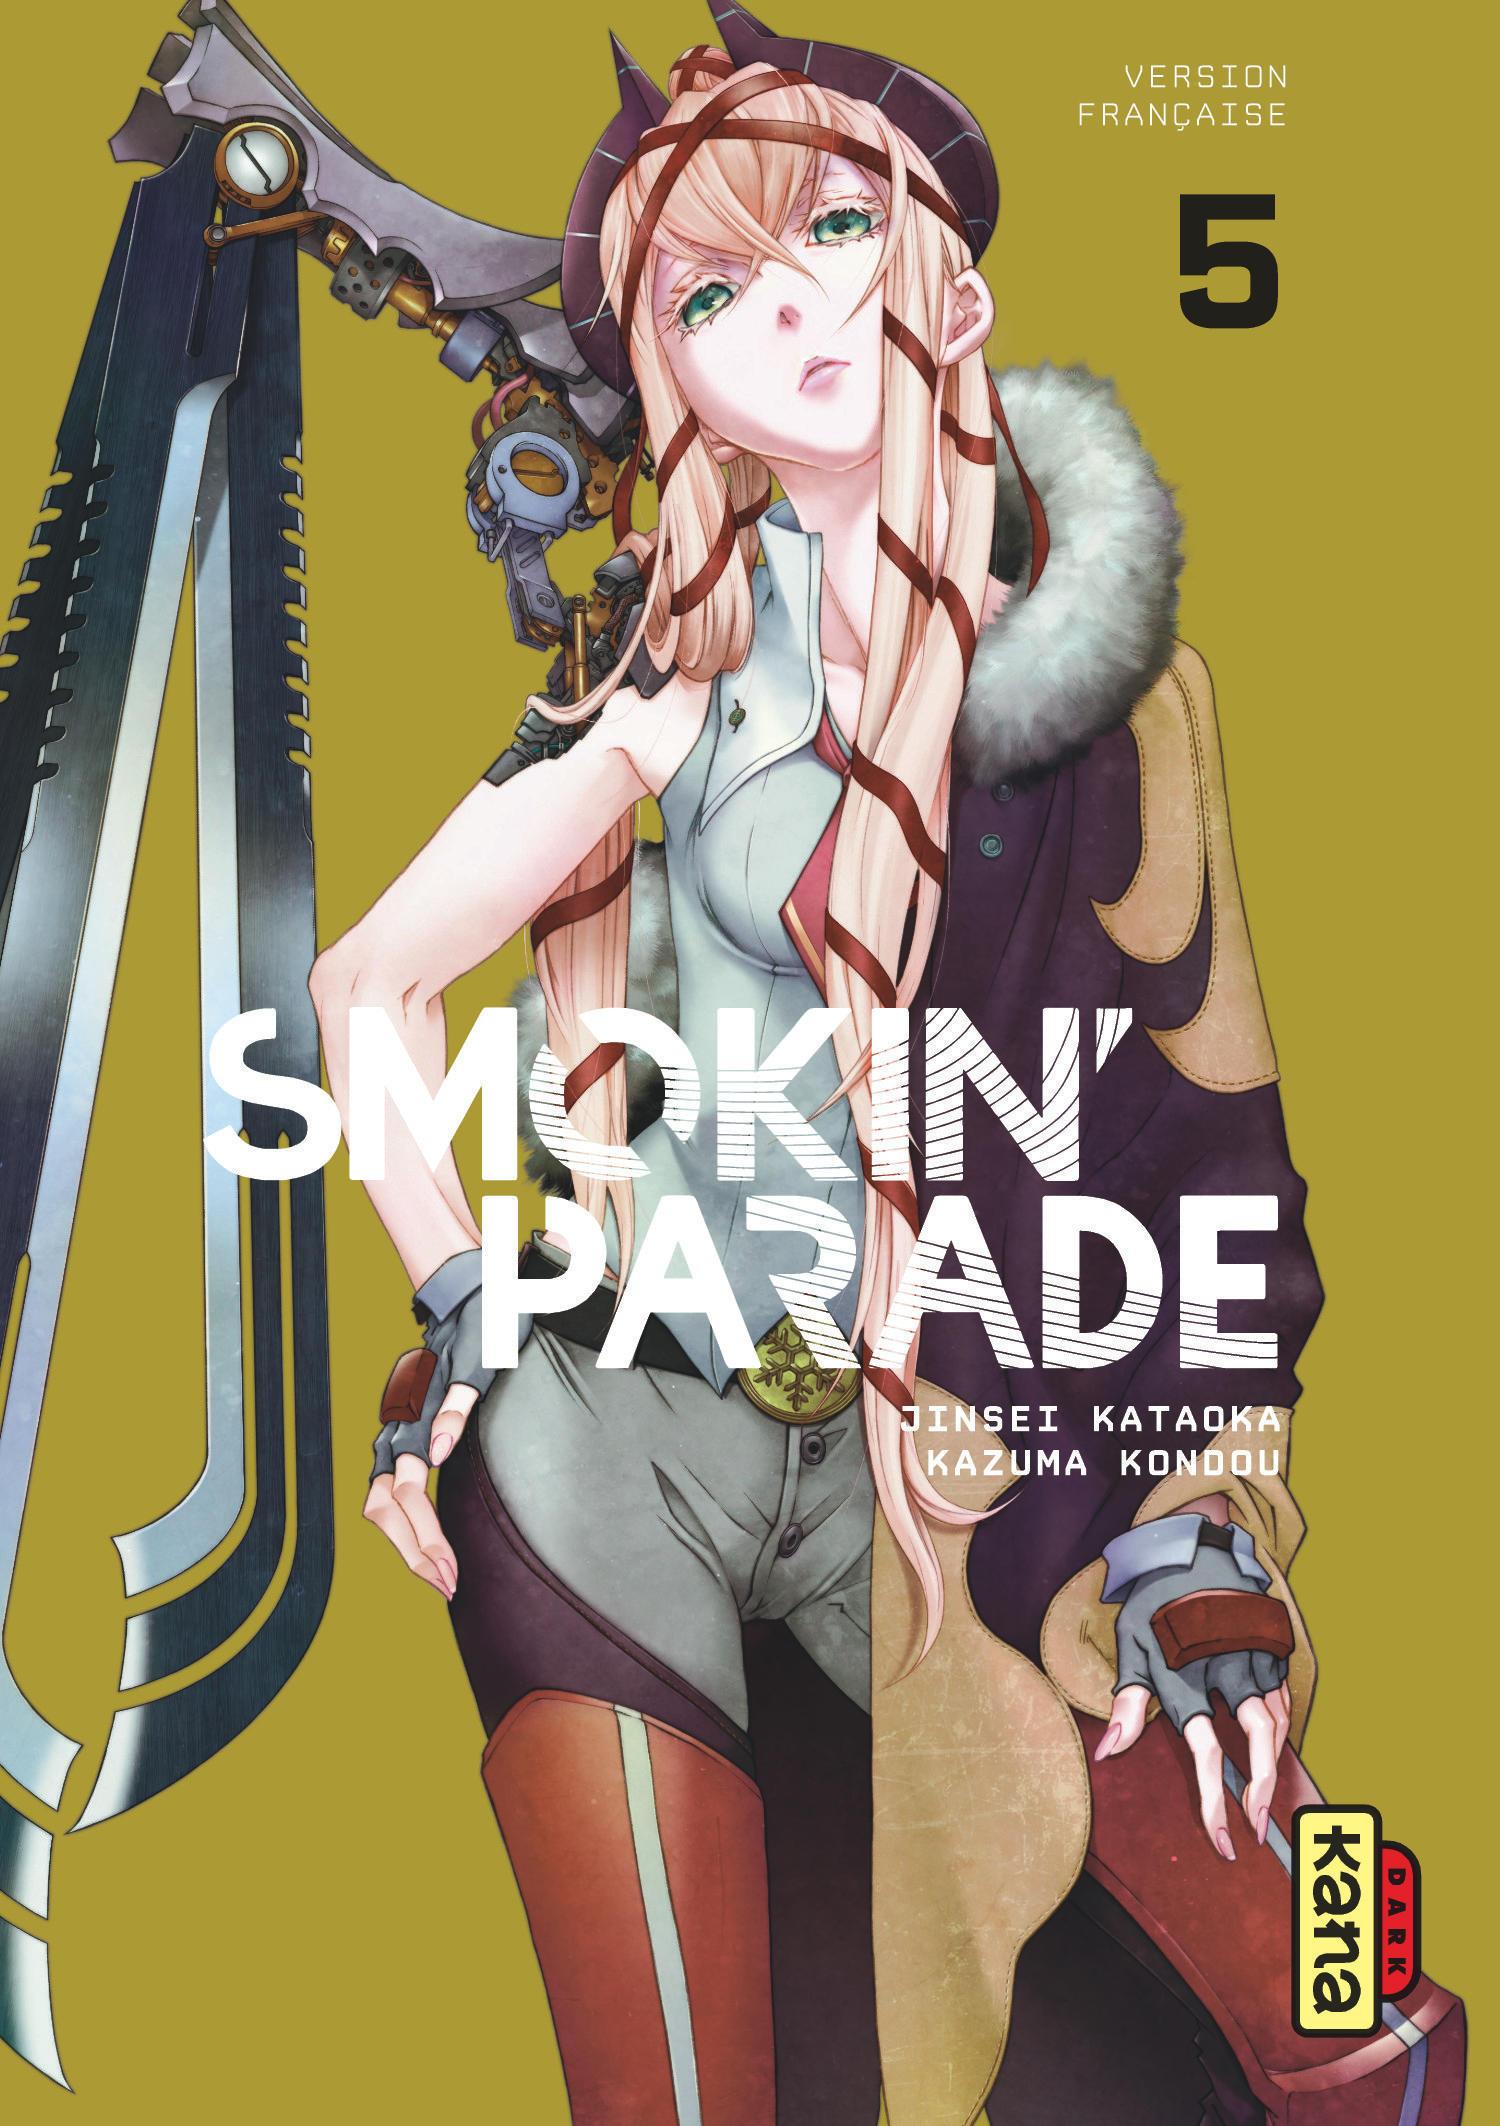 Smokin' parade 5